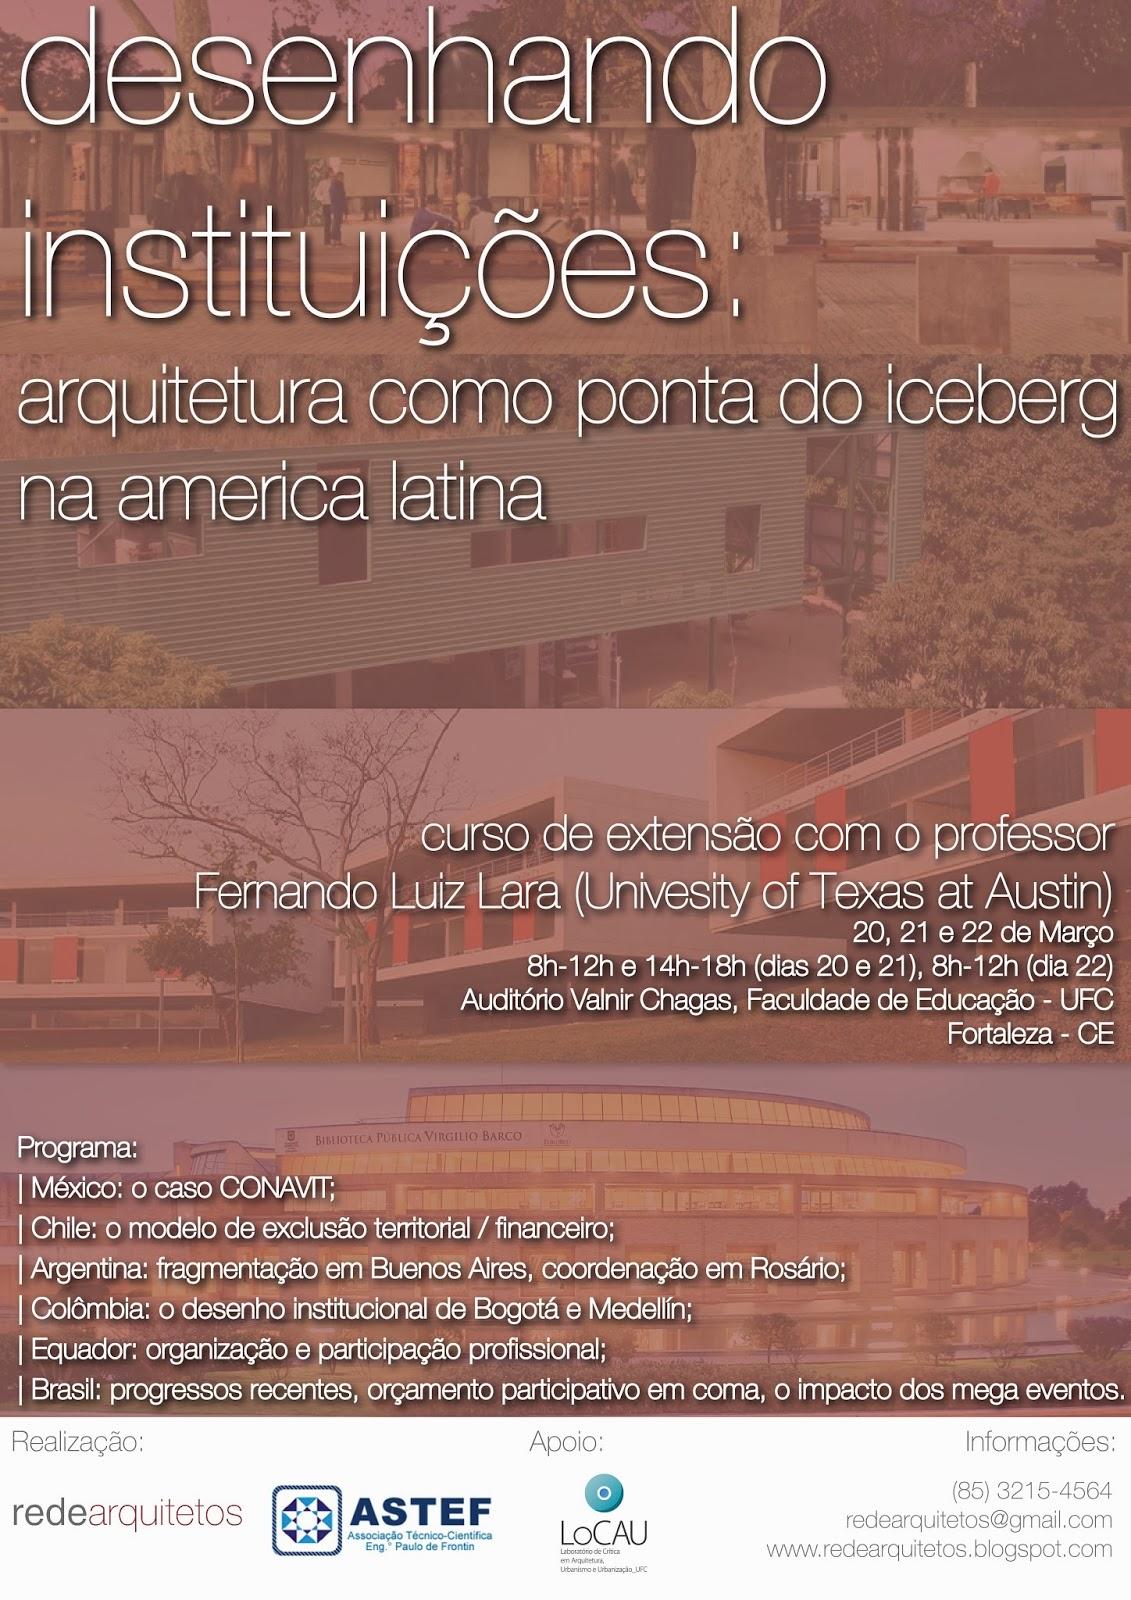 http://www.astef.ufc.br/index.php?option=com_content&view=article&id=277:desenhando-instituicoes-arquitetura-como-ponta-do-iceberg-na-america-latina-&catid=32:cursos-de-extenso&Itemid=50